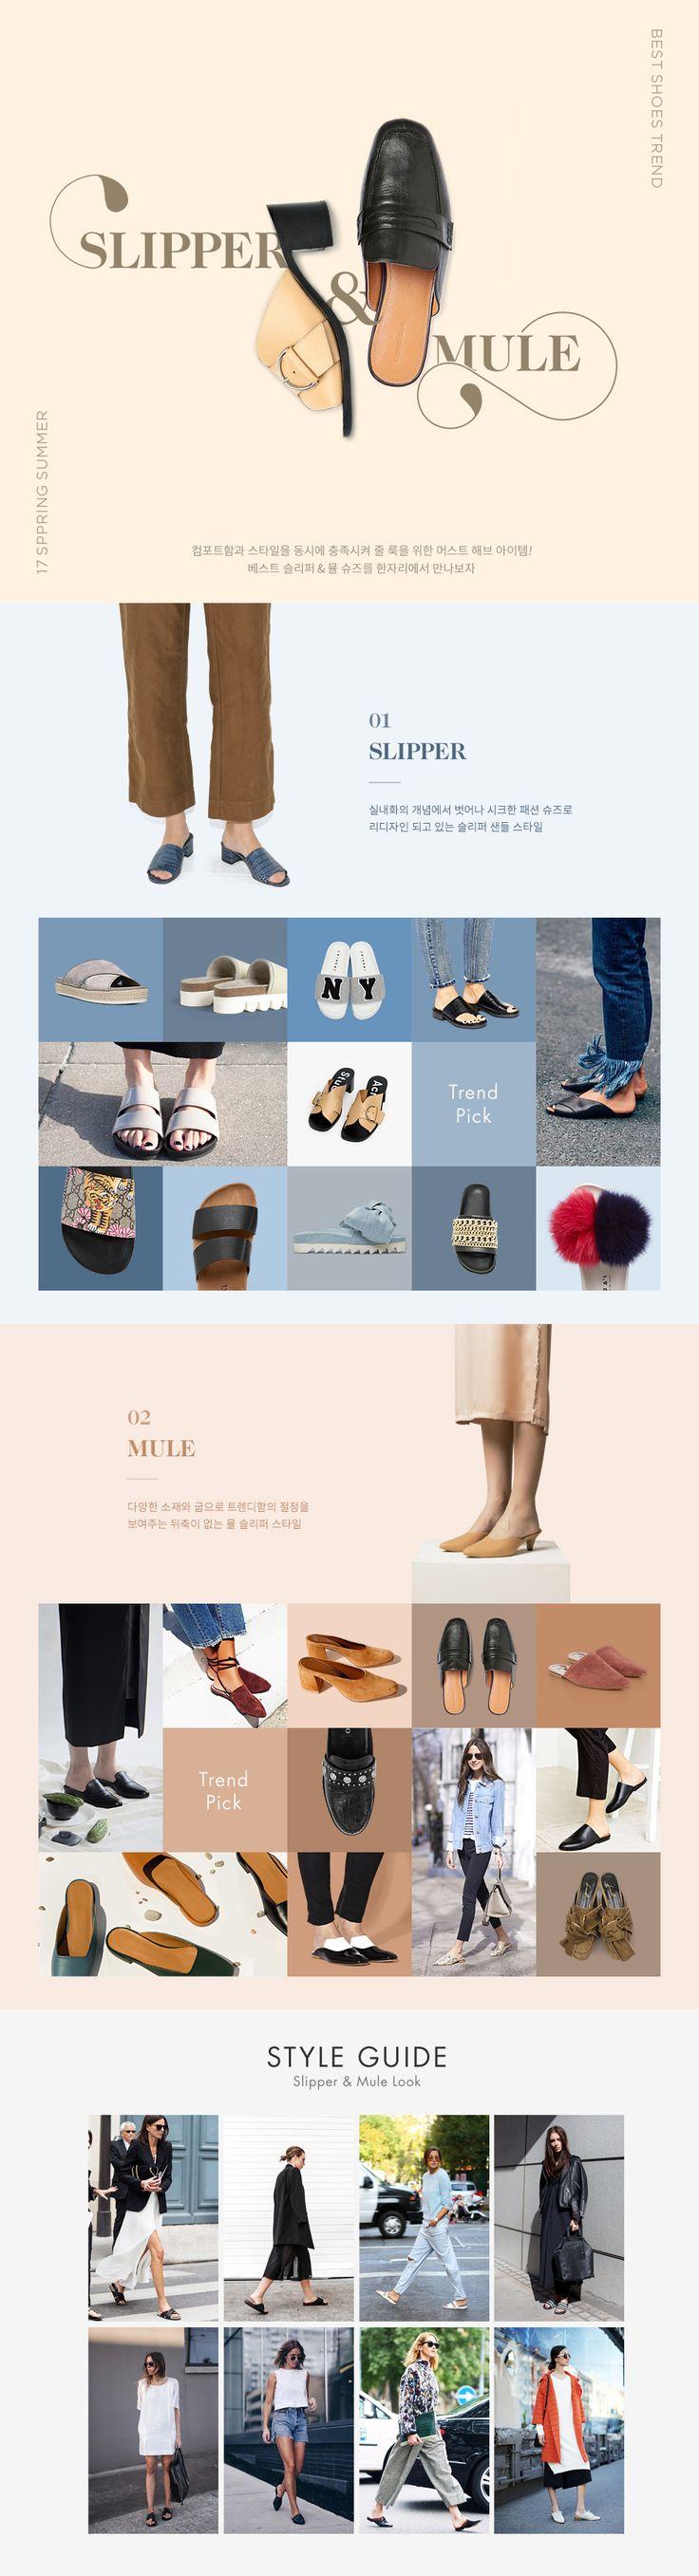 WIZWID:위즈위드 - 글로벌 쇼핑 네트워크 여성 의류 신발 우먼 패션 슈즈 기획전 SLIPPER & MULE